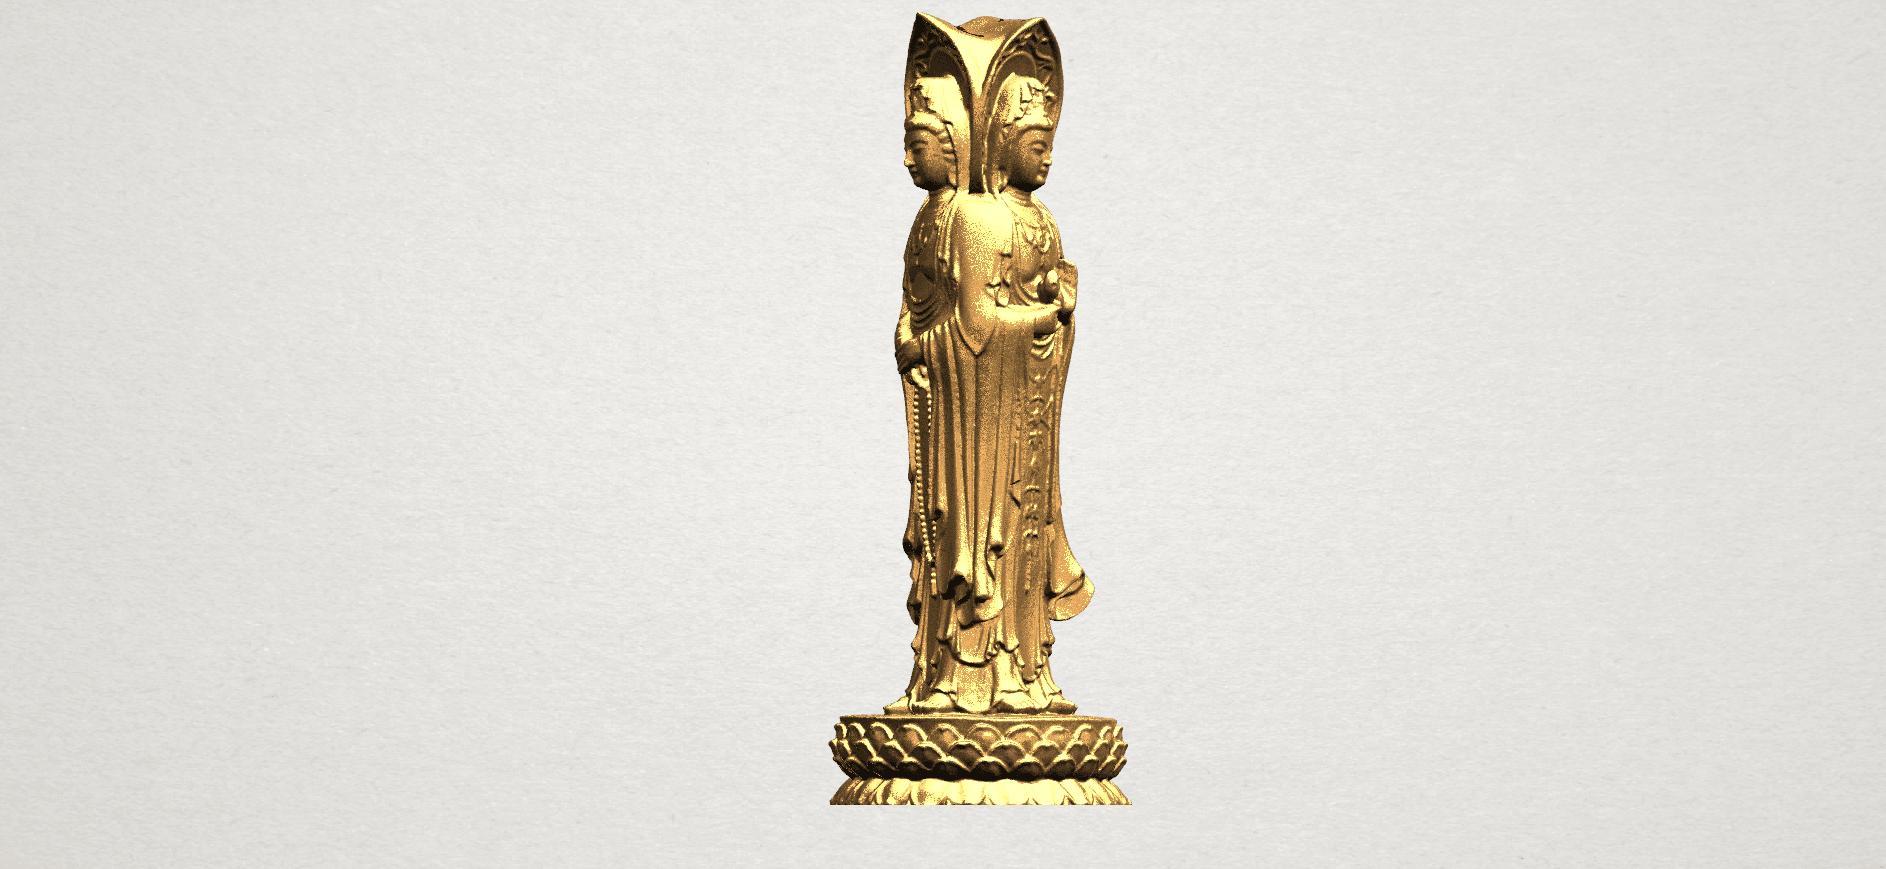 Avalokitesvara Buddha (with Lotus Leave) (i) A08.png Download free STL file Avalokitesvara Buddha (with Lotus Leave) 01 • 3D printable model, GeorgesNikkei